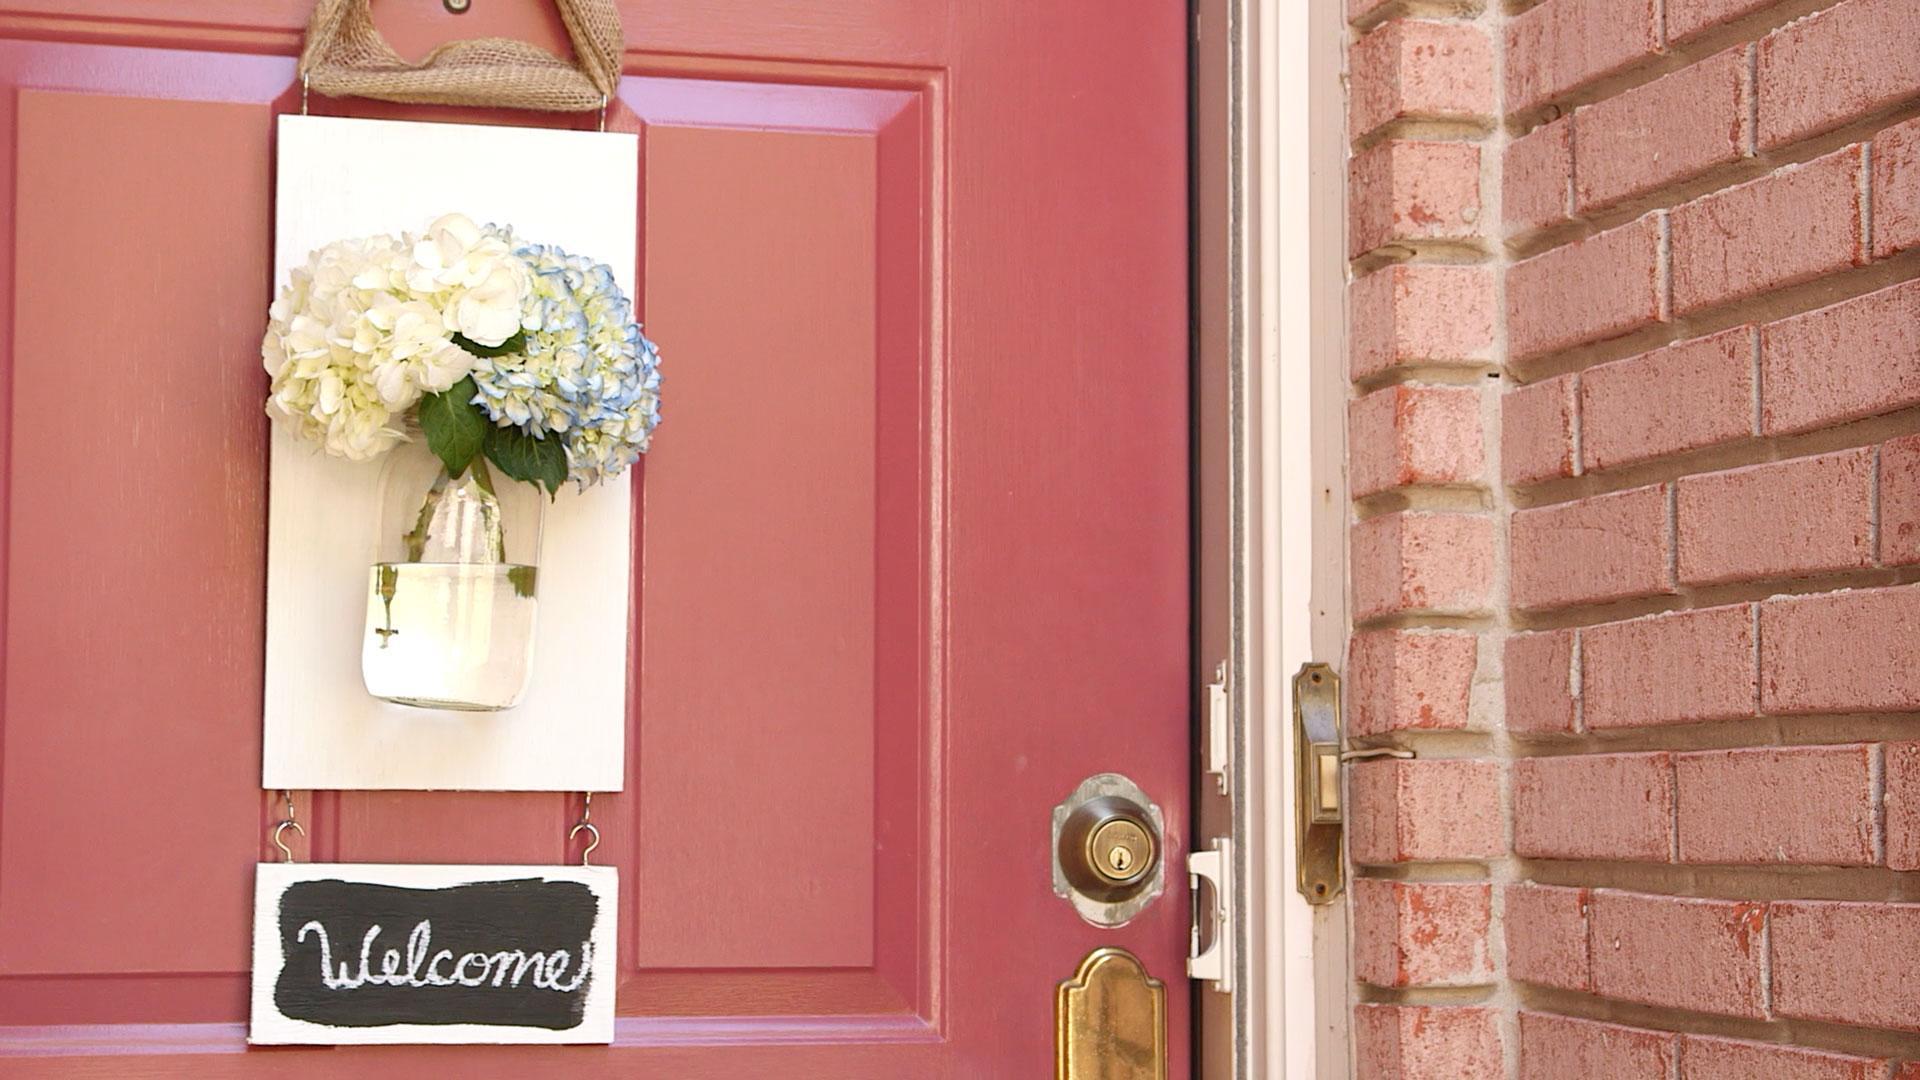 Door Hanging Designs handmade door hangings bandarwar door hangings manufacturer from kolkata Make This Lucky In Love Door Hanger For St Patricks Day